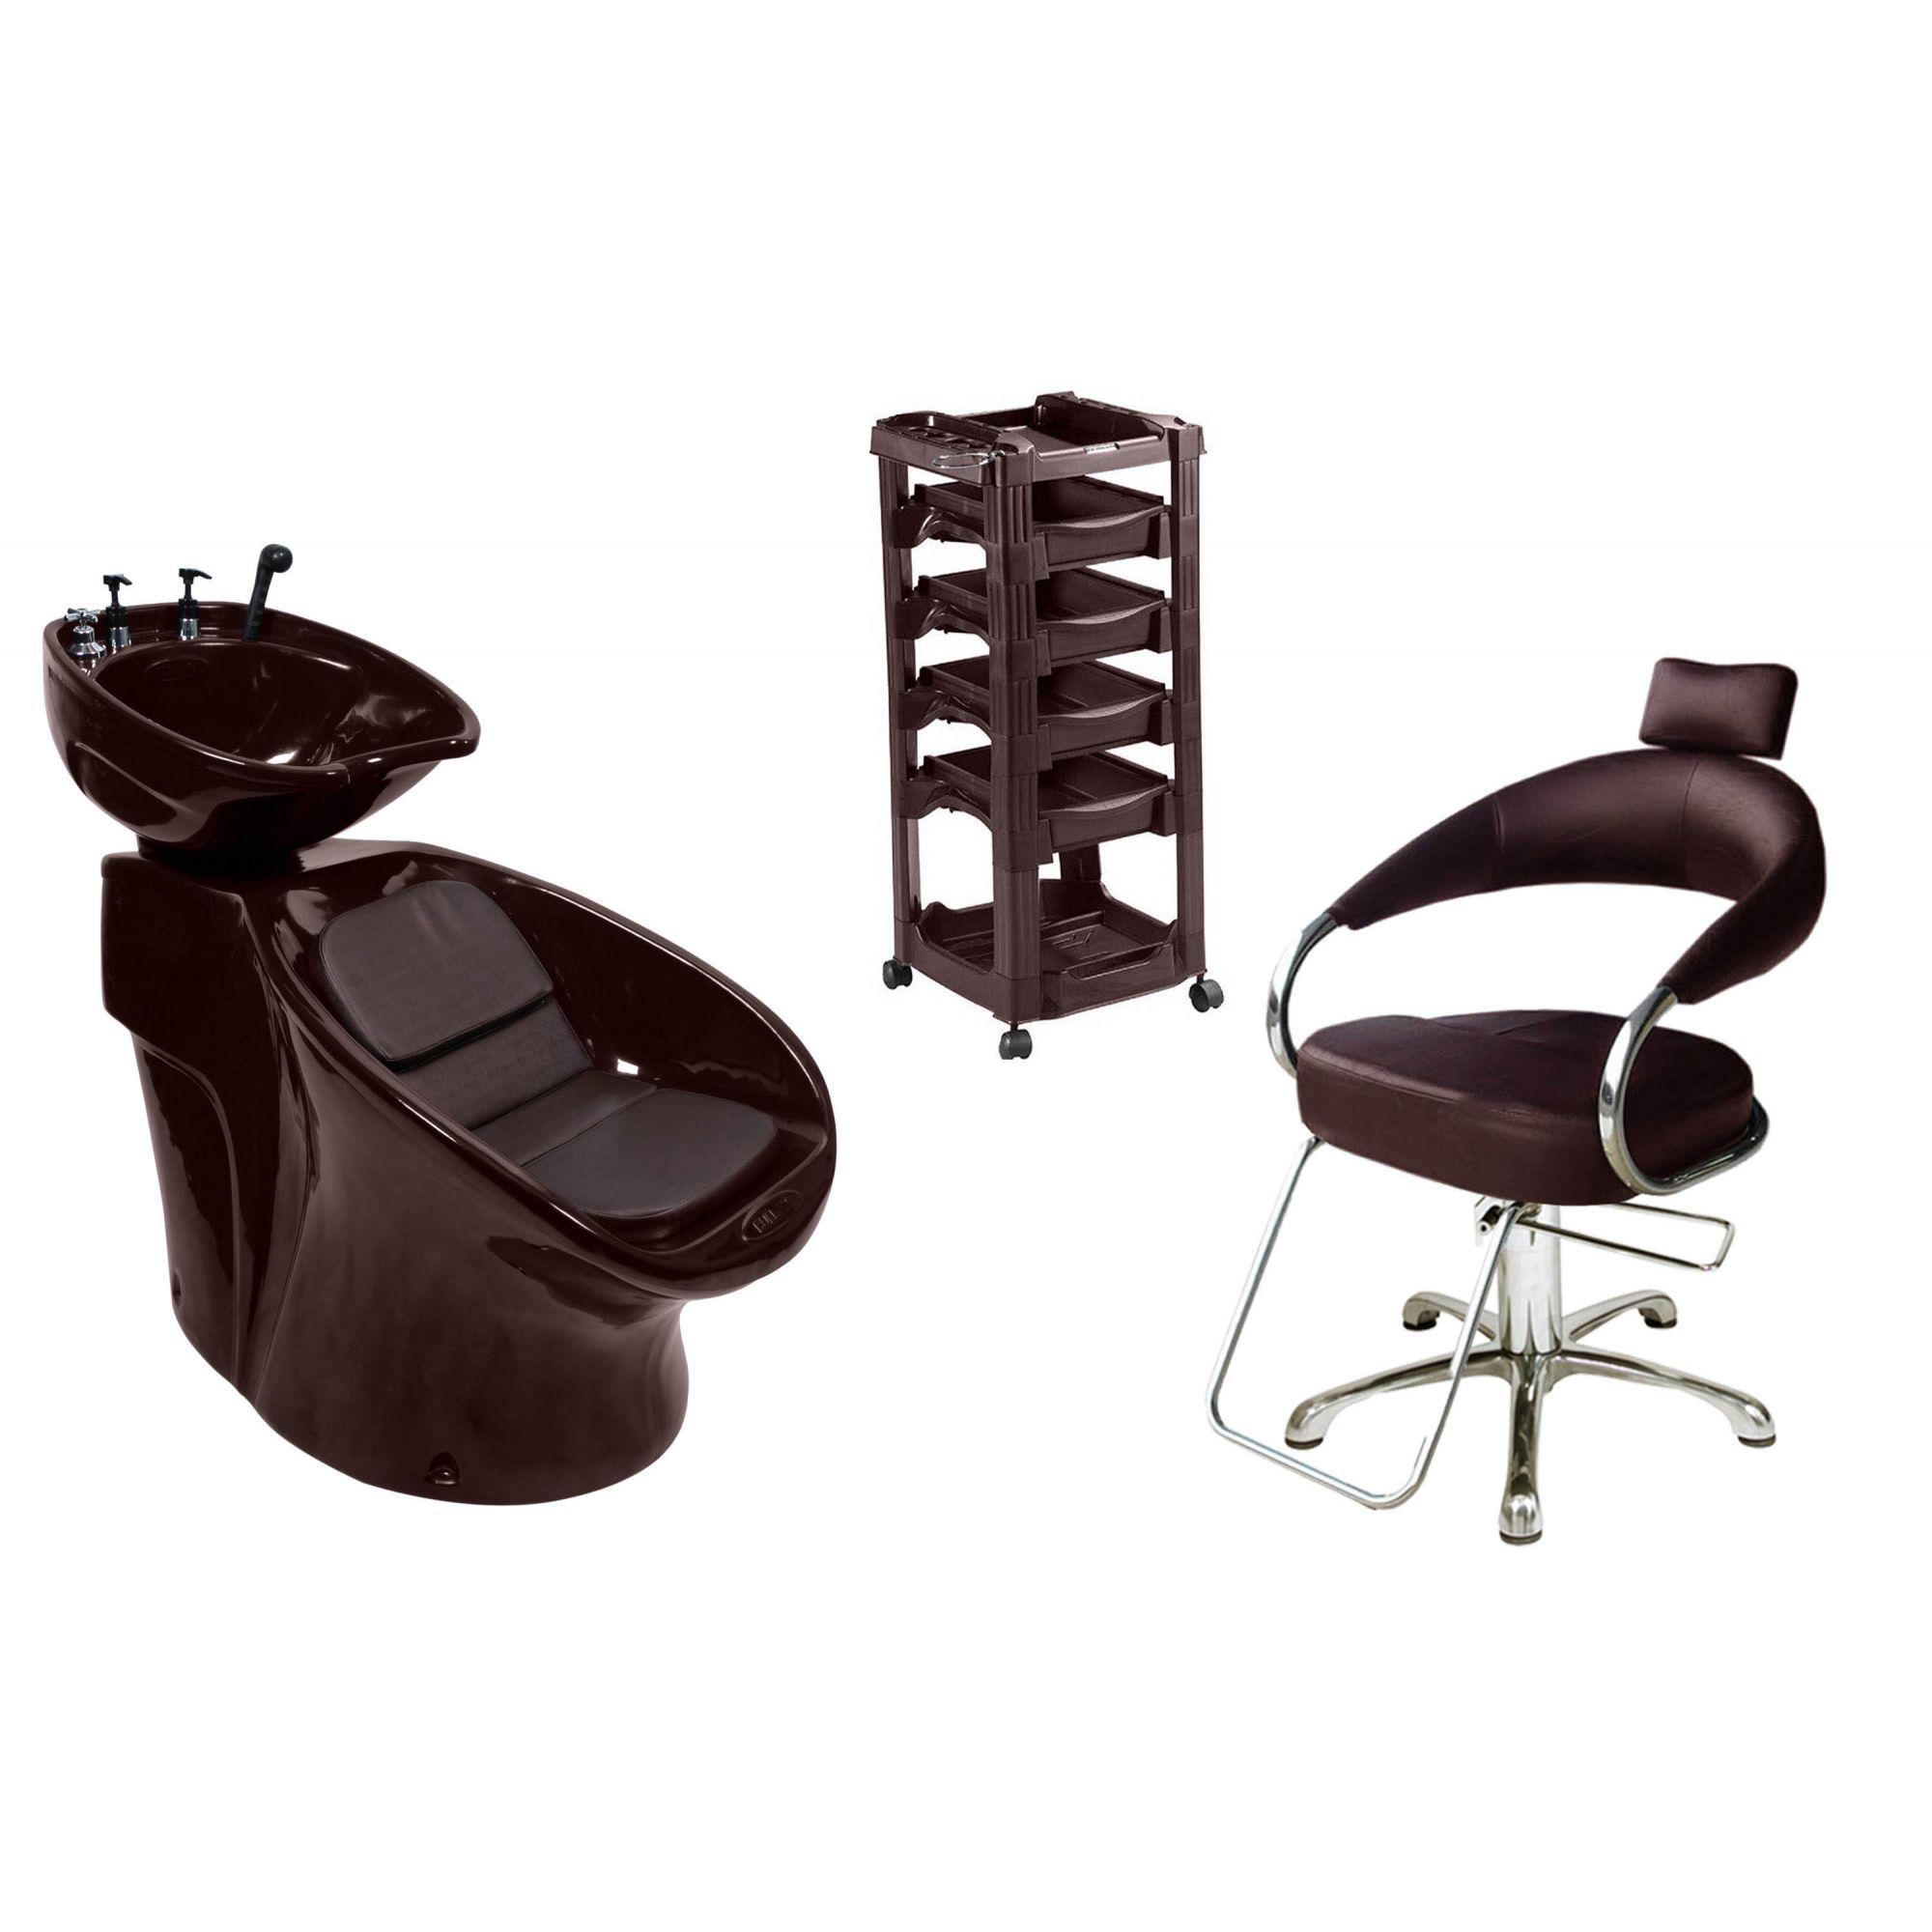 Lavatório Neon Shampoo + Cadeira Hidráulica Futurama + Vegas